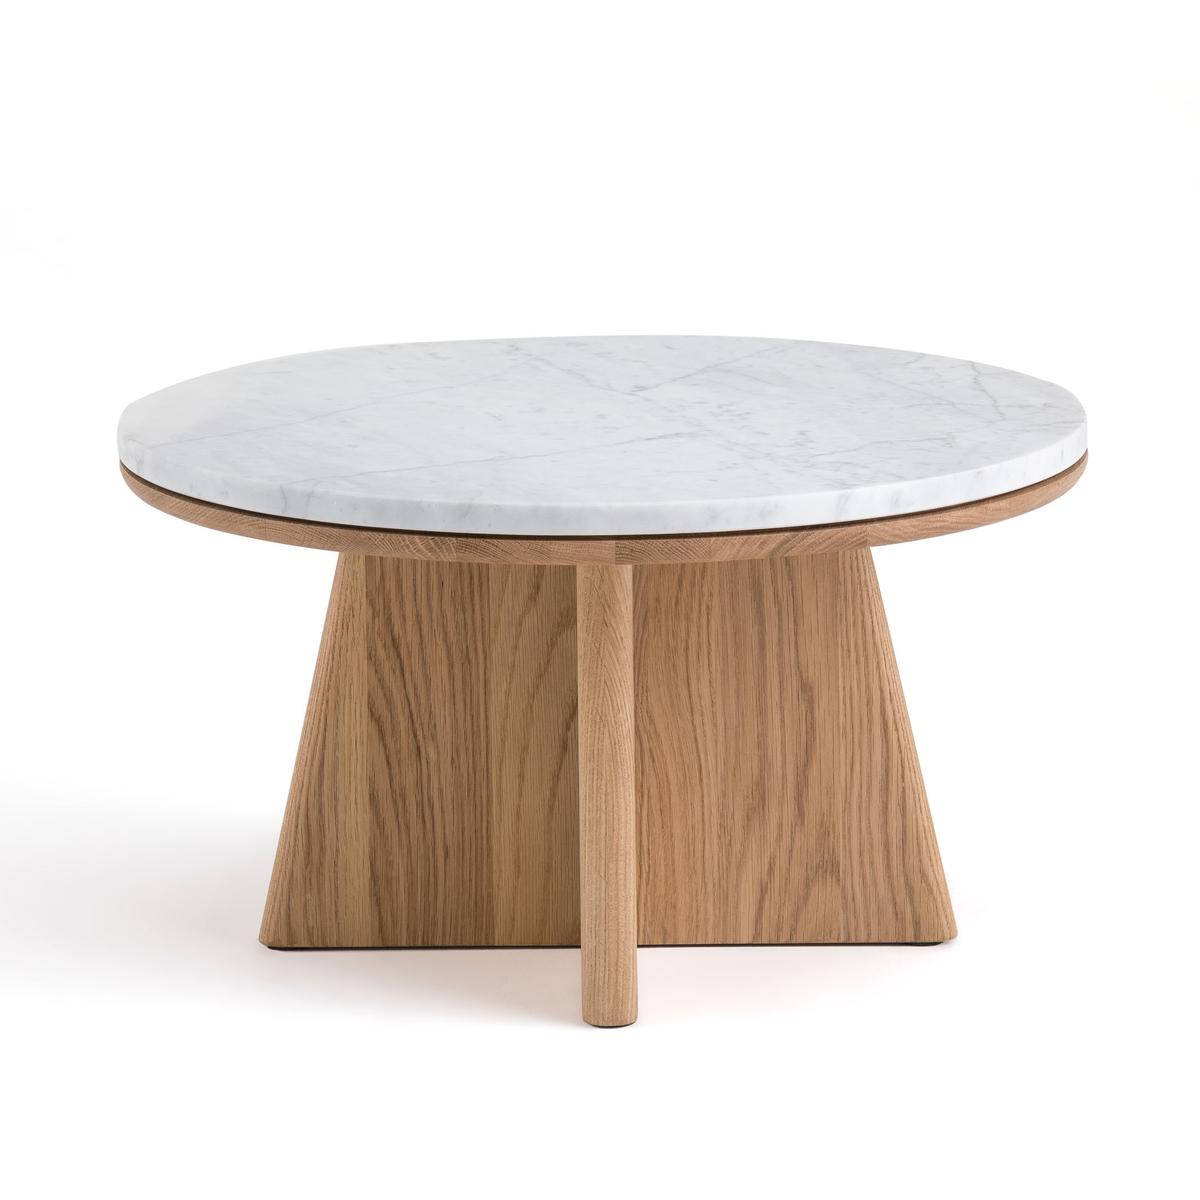 Столик LaRedoute Журнальный круглый chos дизайн Э Галлины единый размер белый